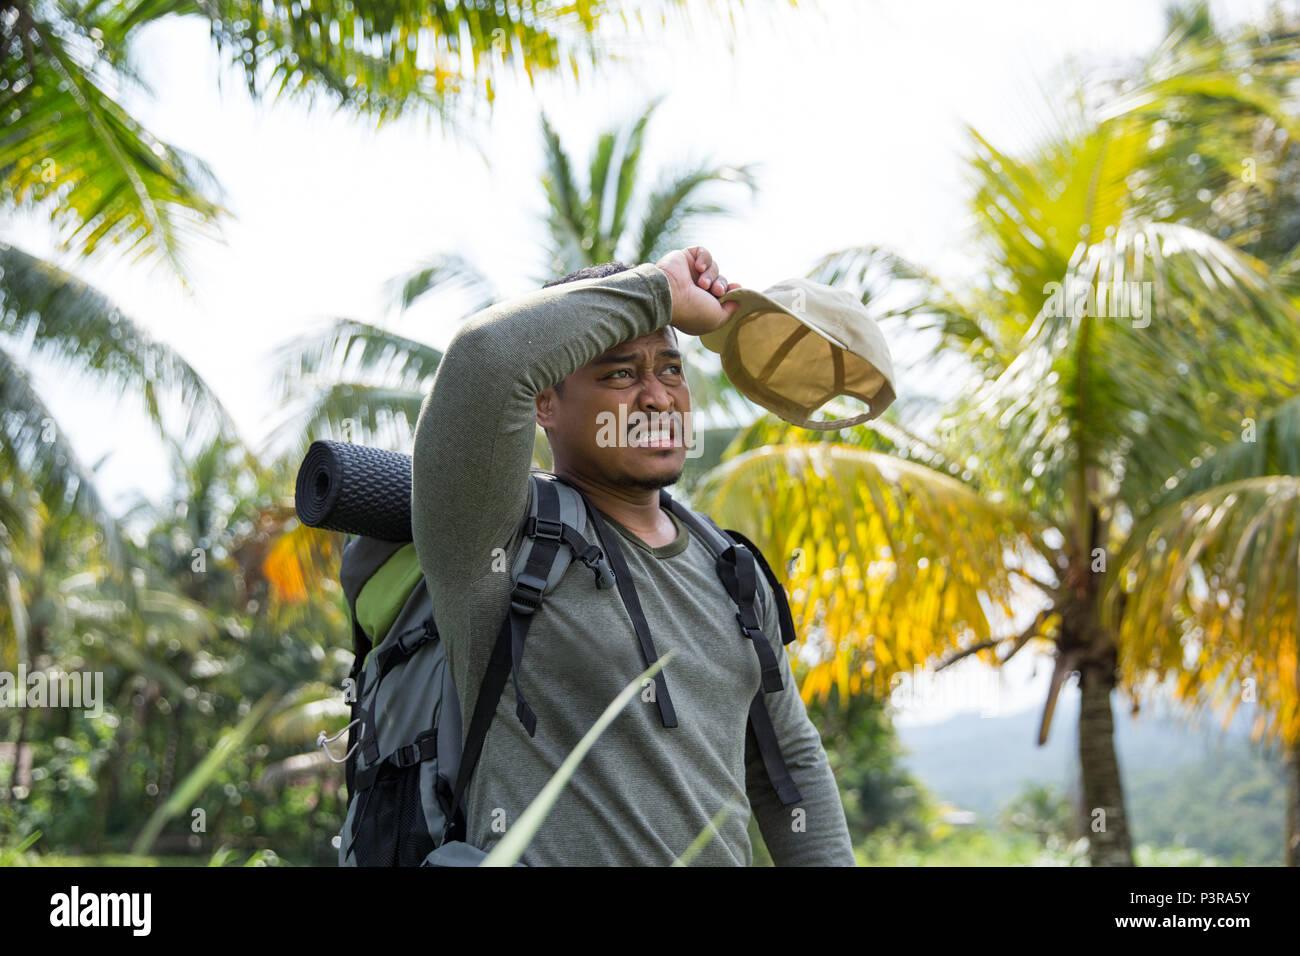 Asiatische Wanderer seine Stirn wischen Stockbild